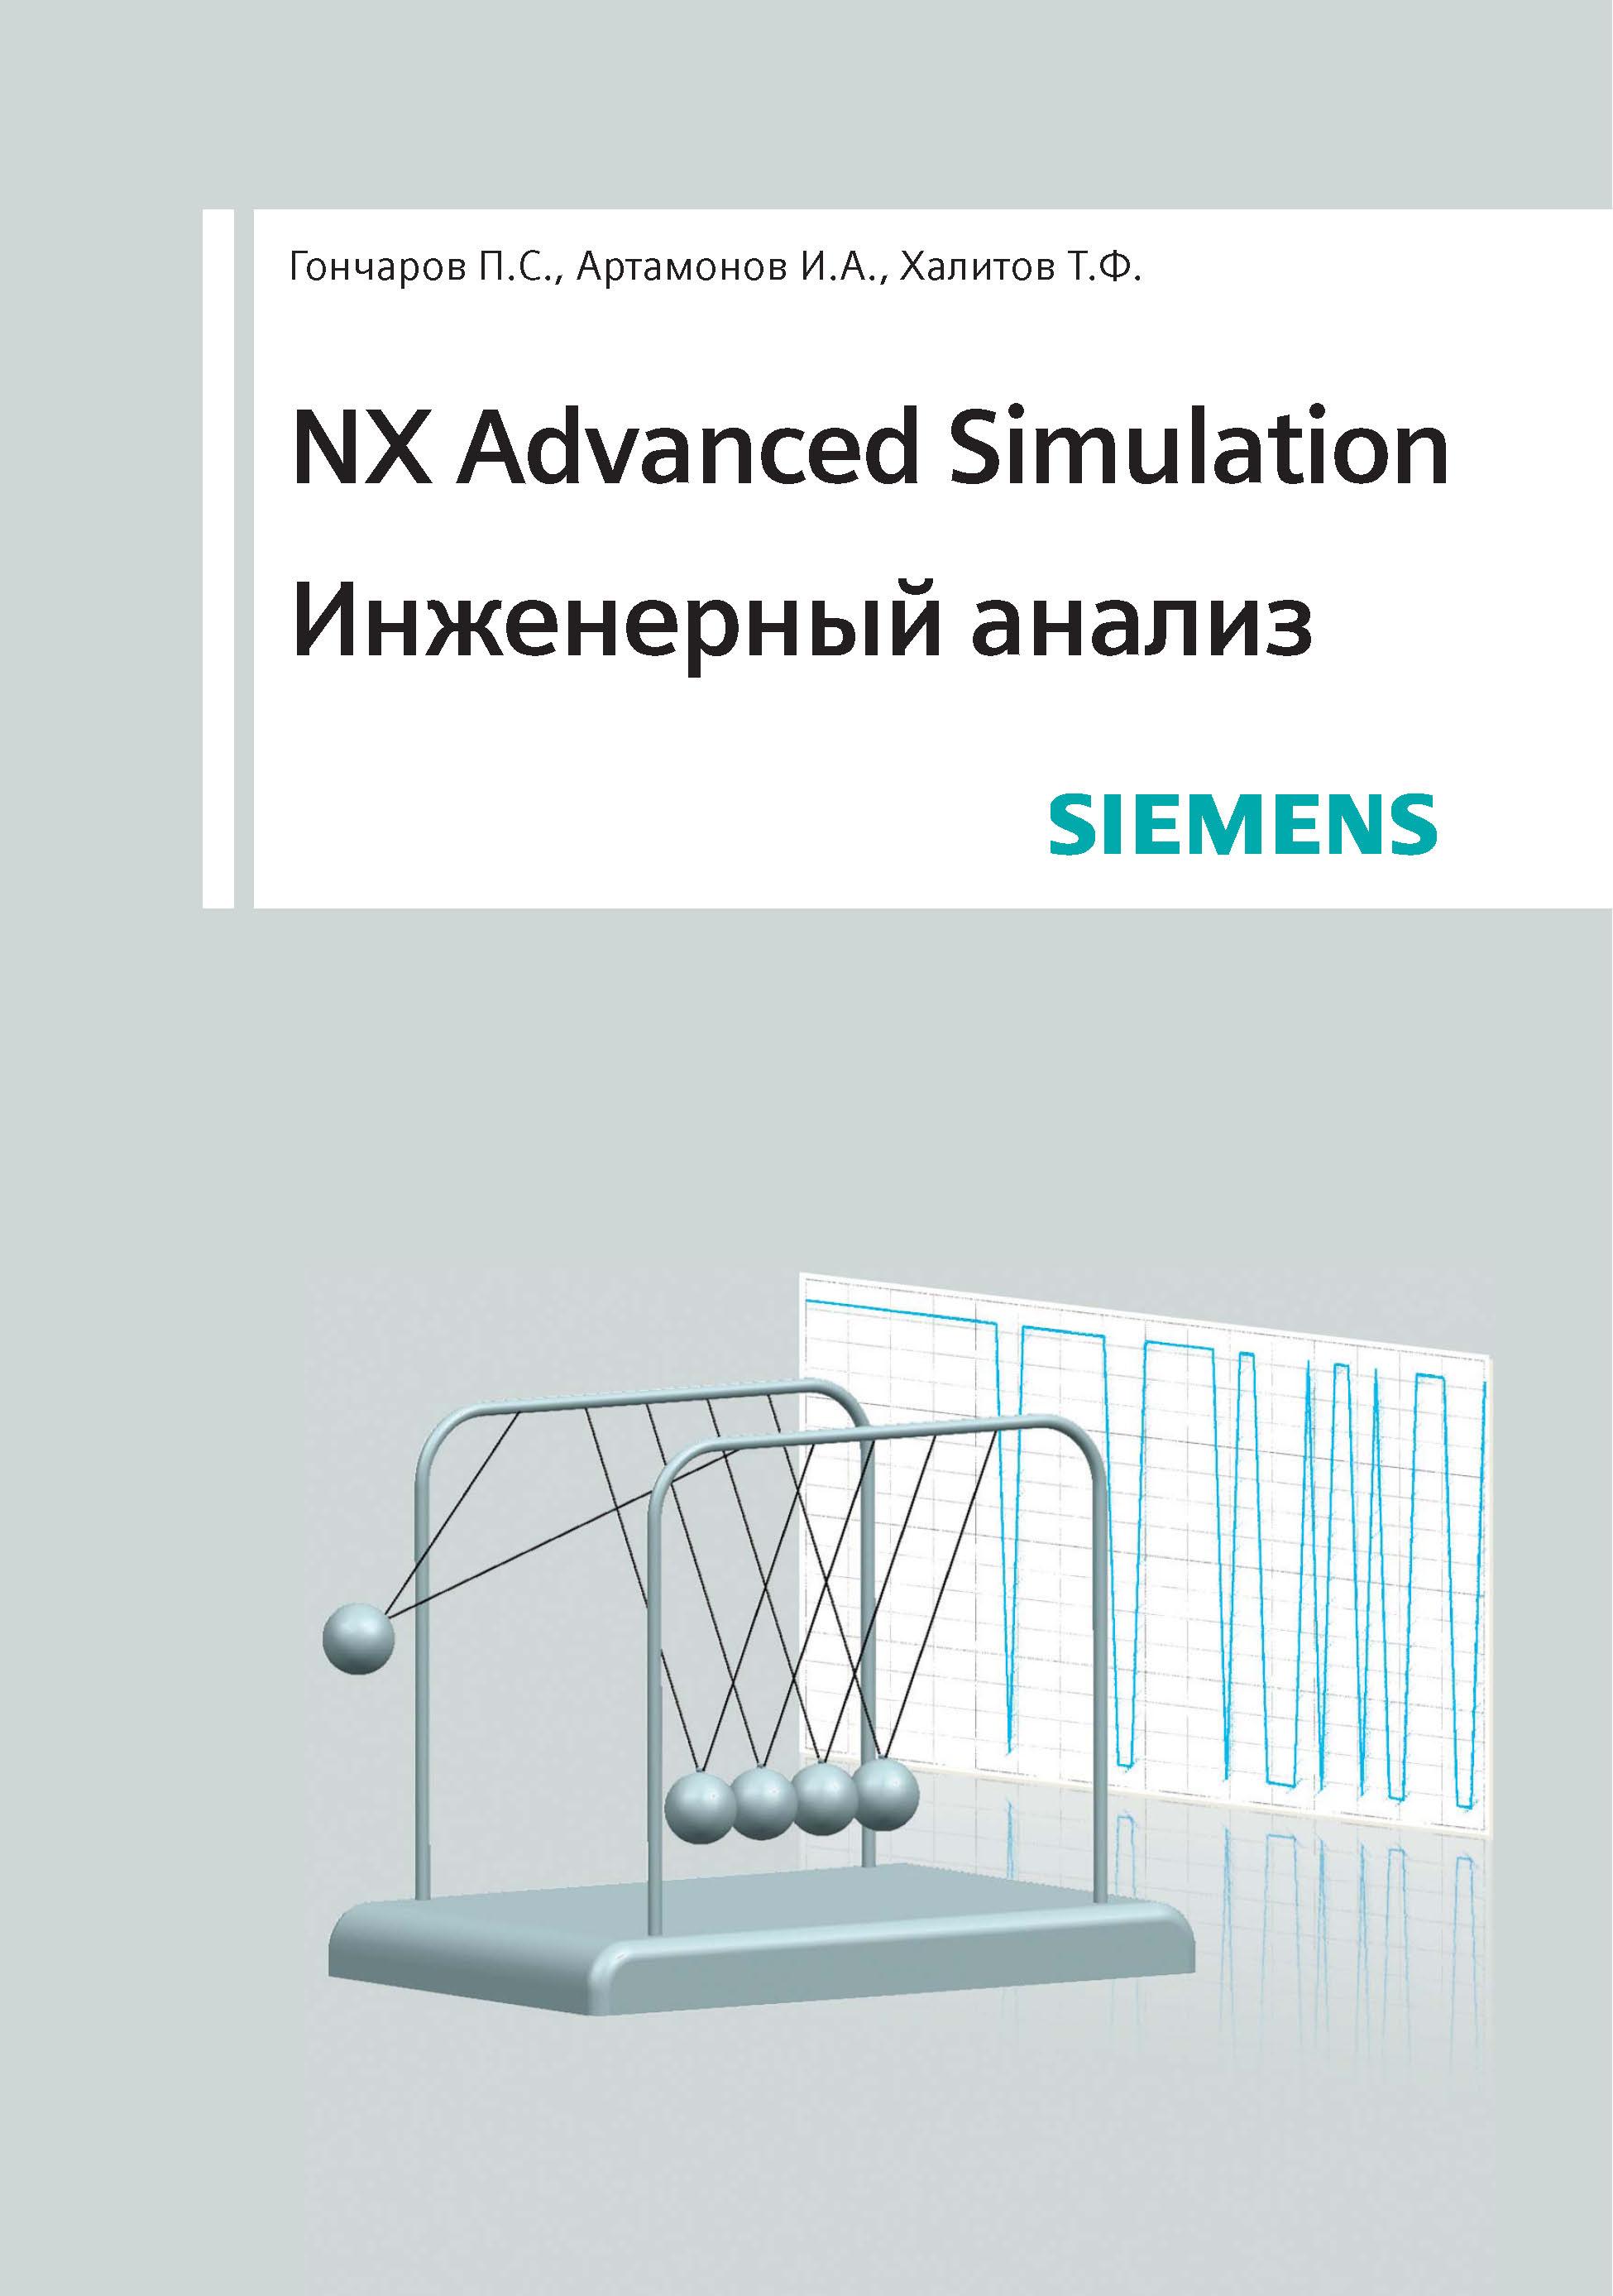 Купить книгу NX Advanced Simulation. Инженерный анализ, автора Т. Ф. Халитова